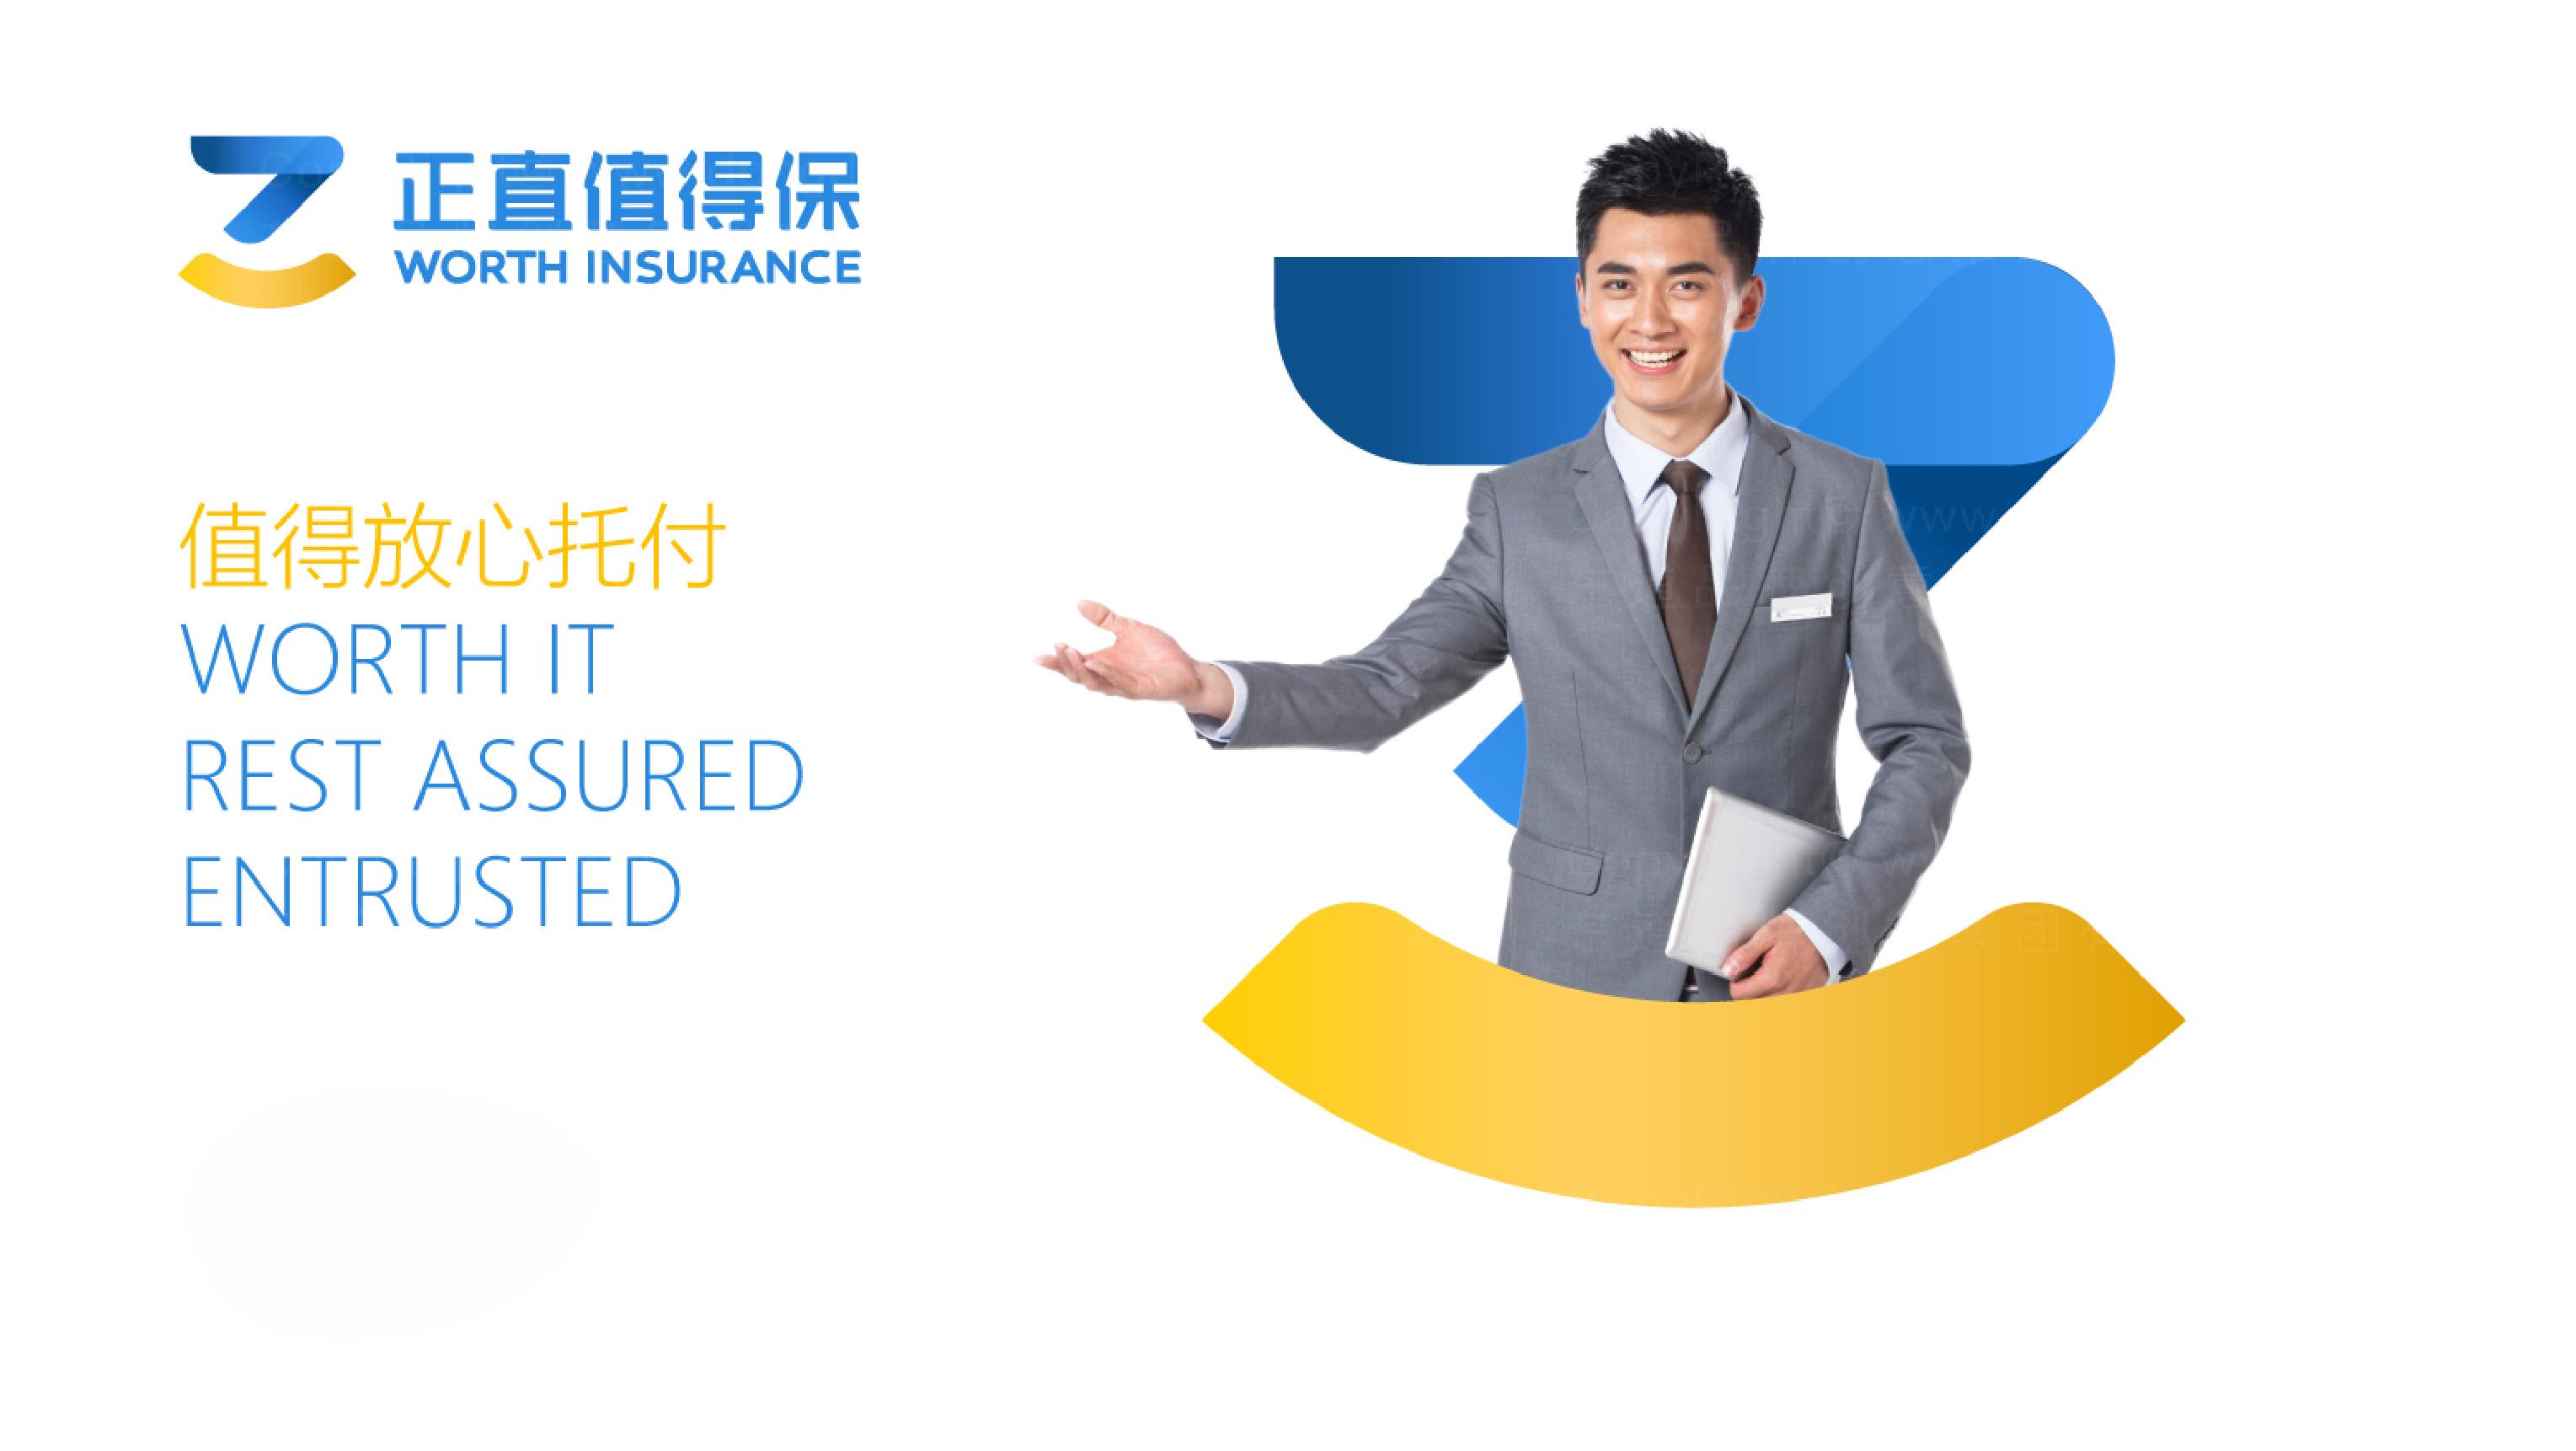 品牌设计正值保险LOGO&VI设计应用